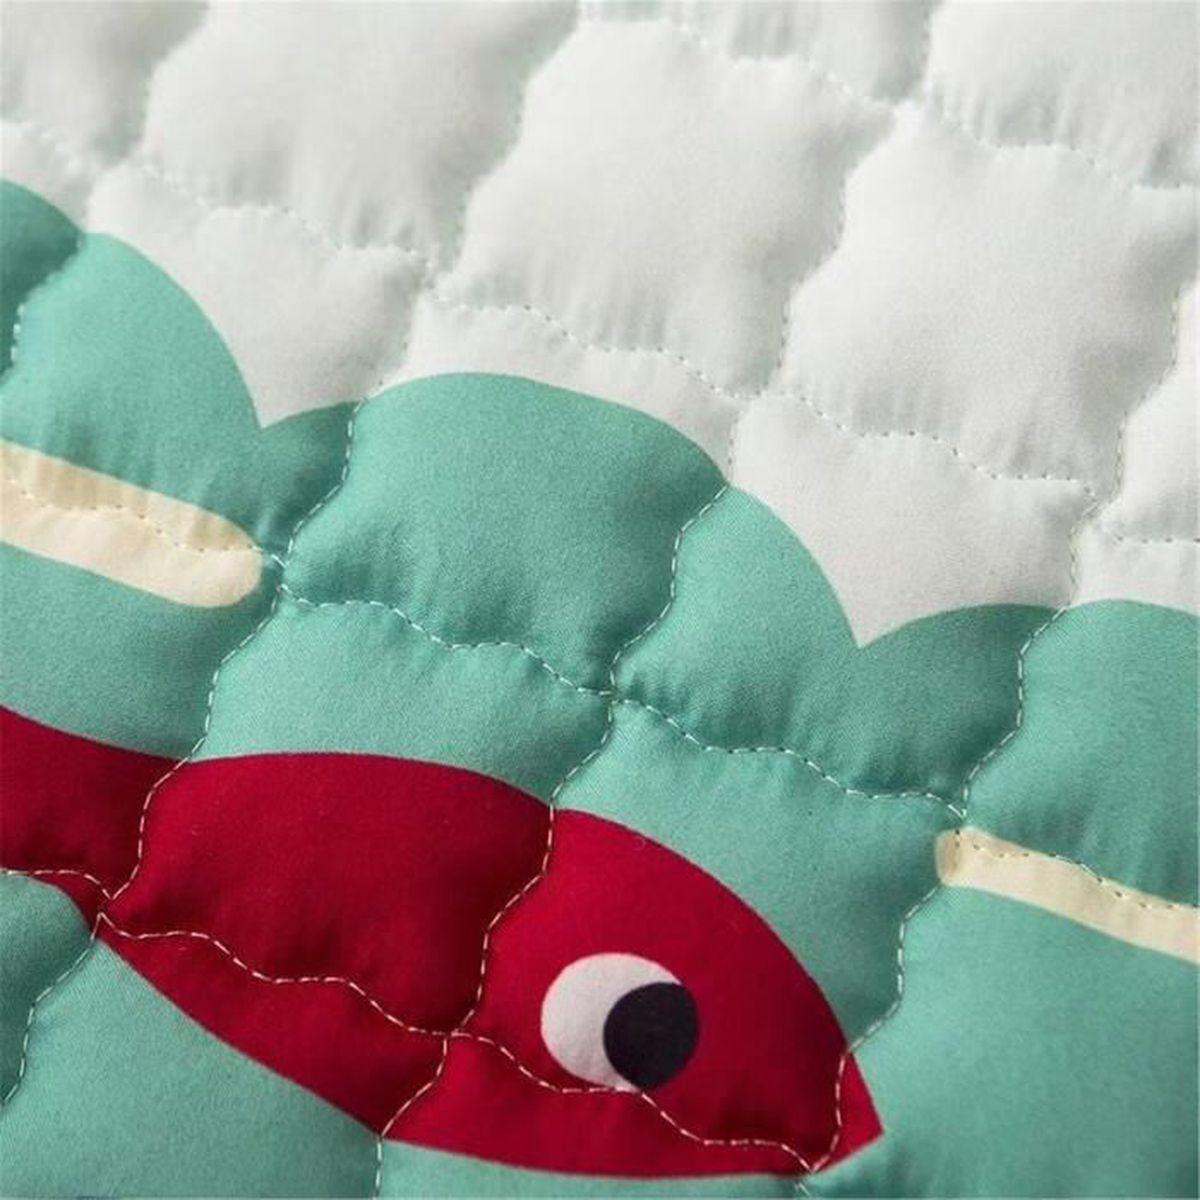 Tapis Chambre Bébé Mixte tapis de jeu bébé grand bébé des gamins rampant tapis rectangle jouer mats  animal modèle pour vivant chambre 195 x 145 cm crocodile